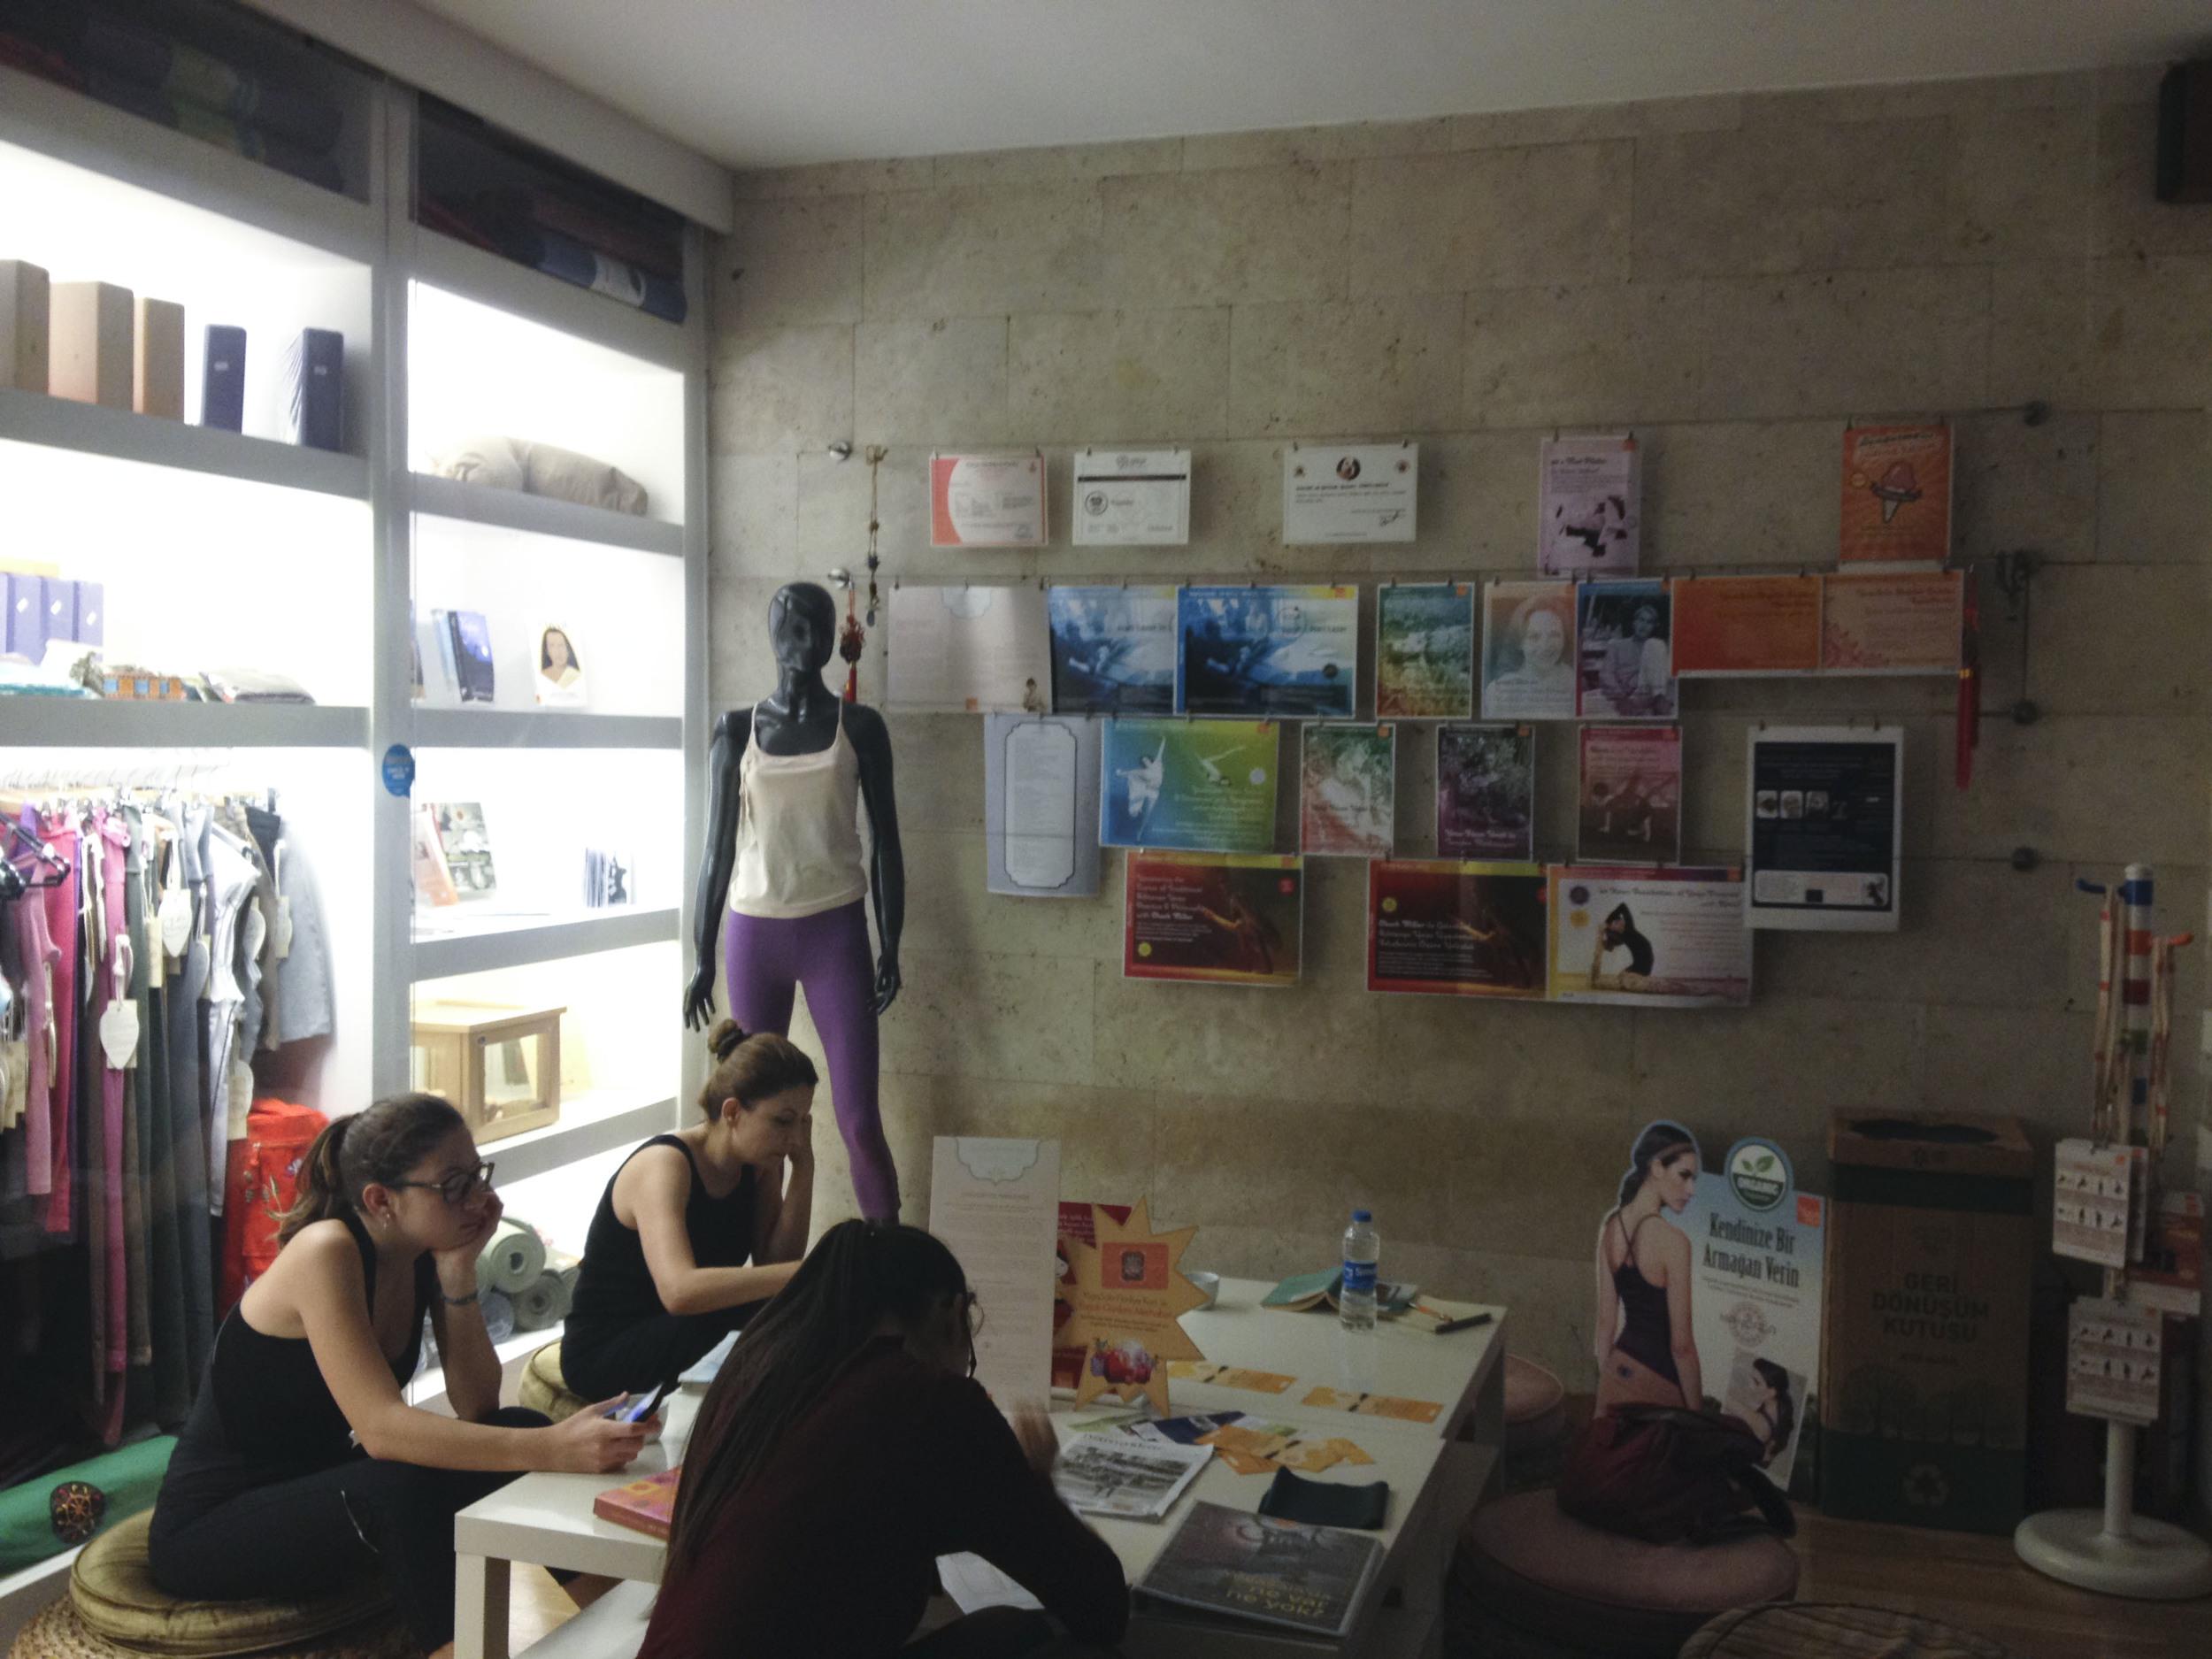 Yoga Studio_Yogasala NİŞANTAŞI, Istanbul3025.jpg